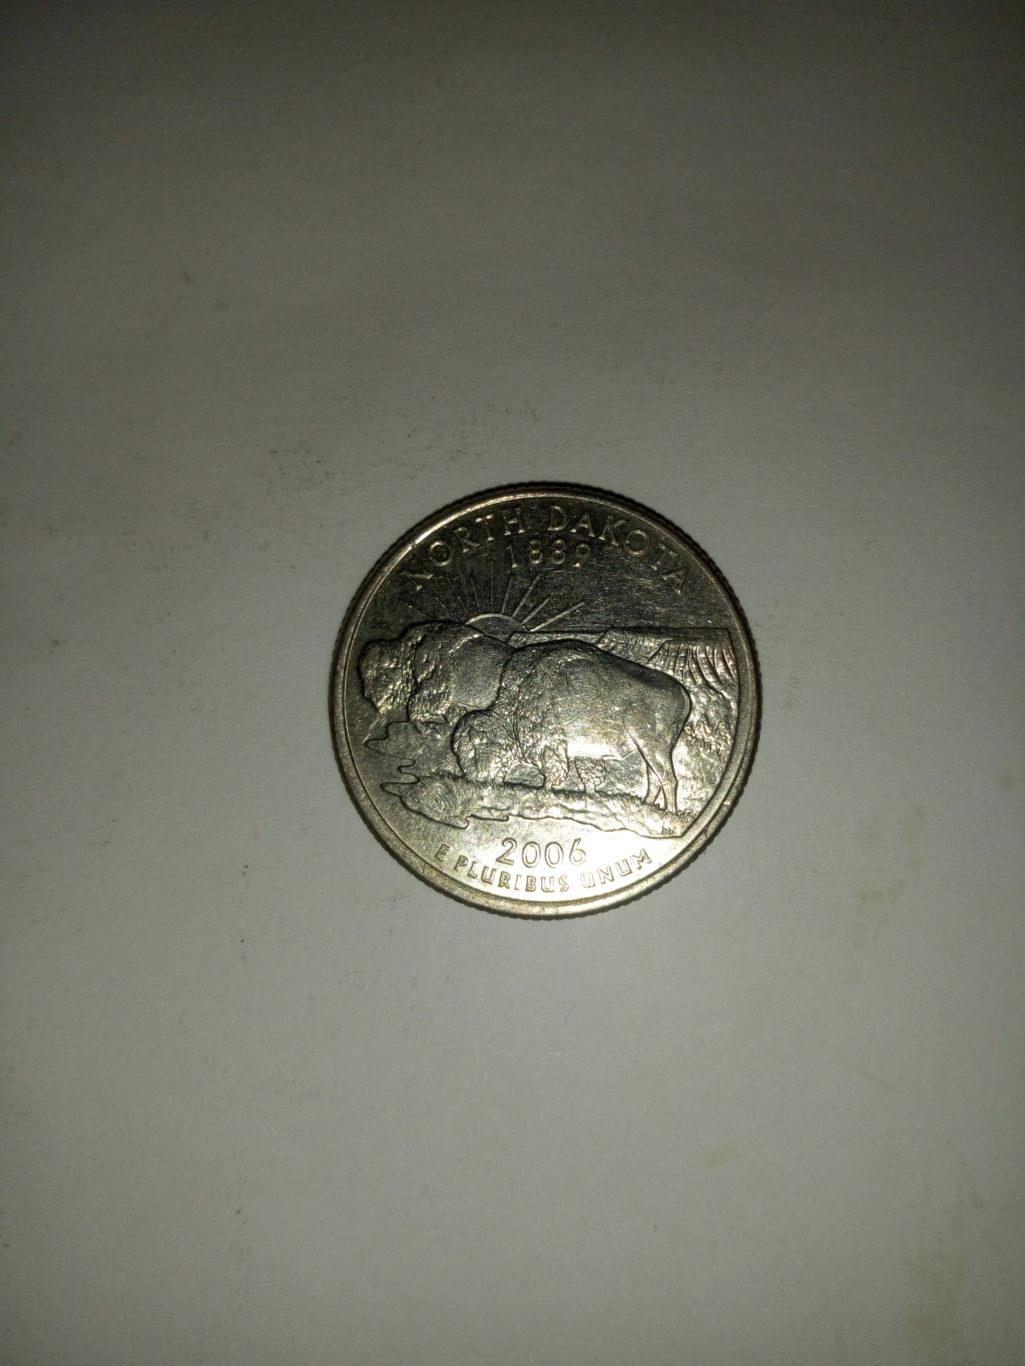 1889_ united states of America quarter dollar